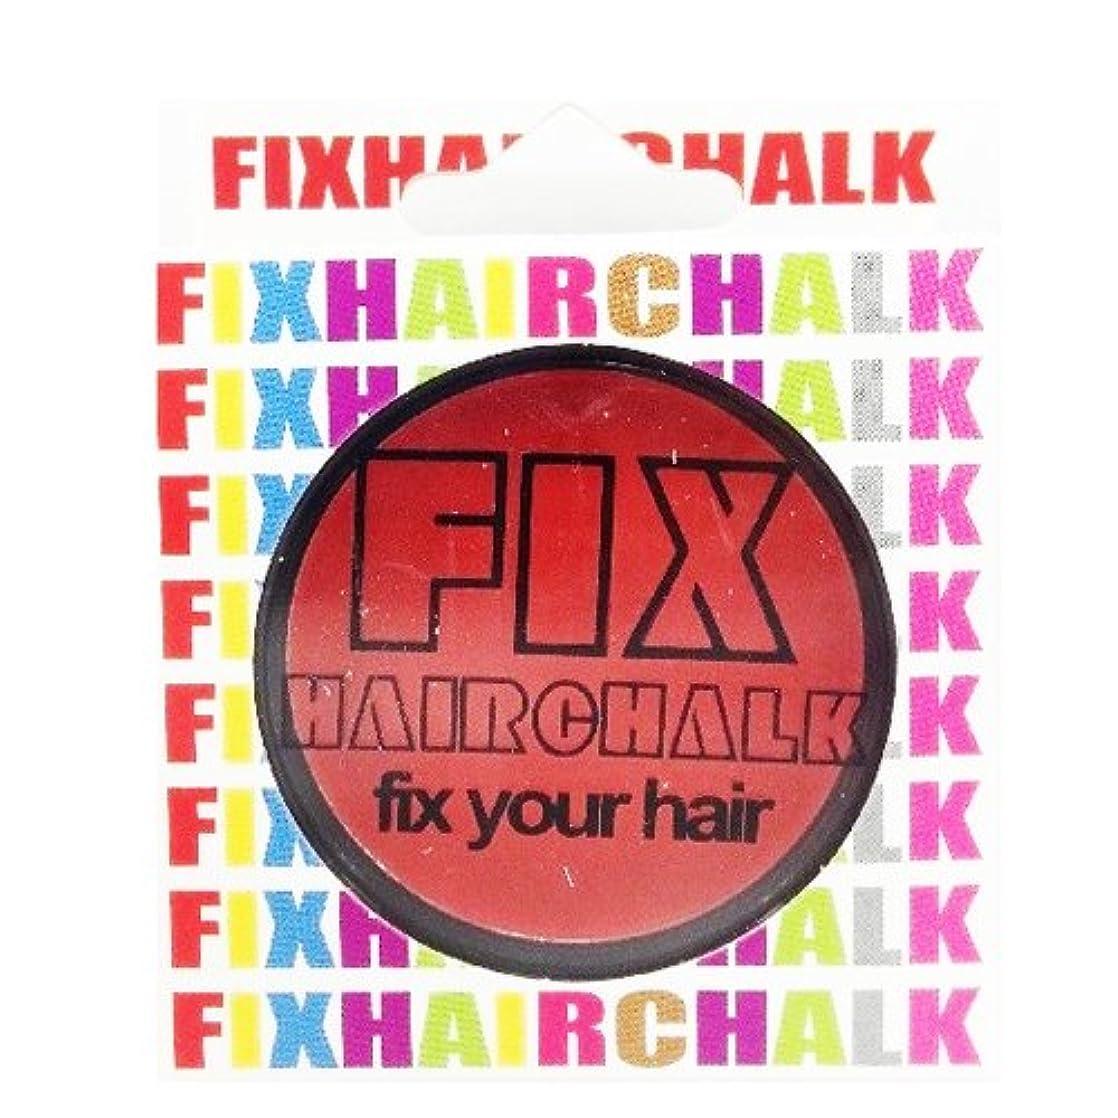 一致ゆるい心臓FIX ヘアチョーク サンライズ 3.5g